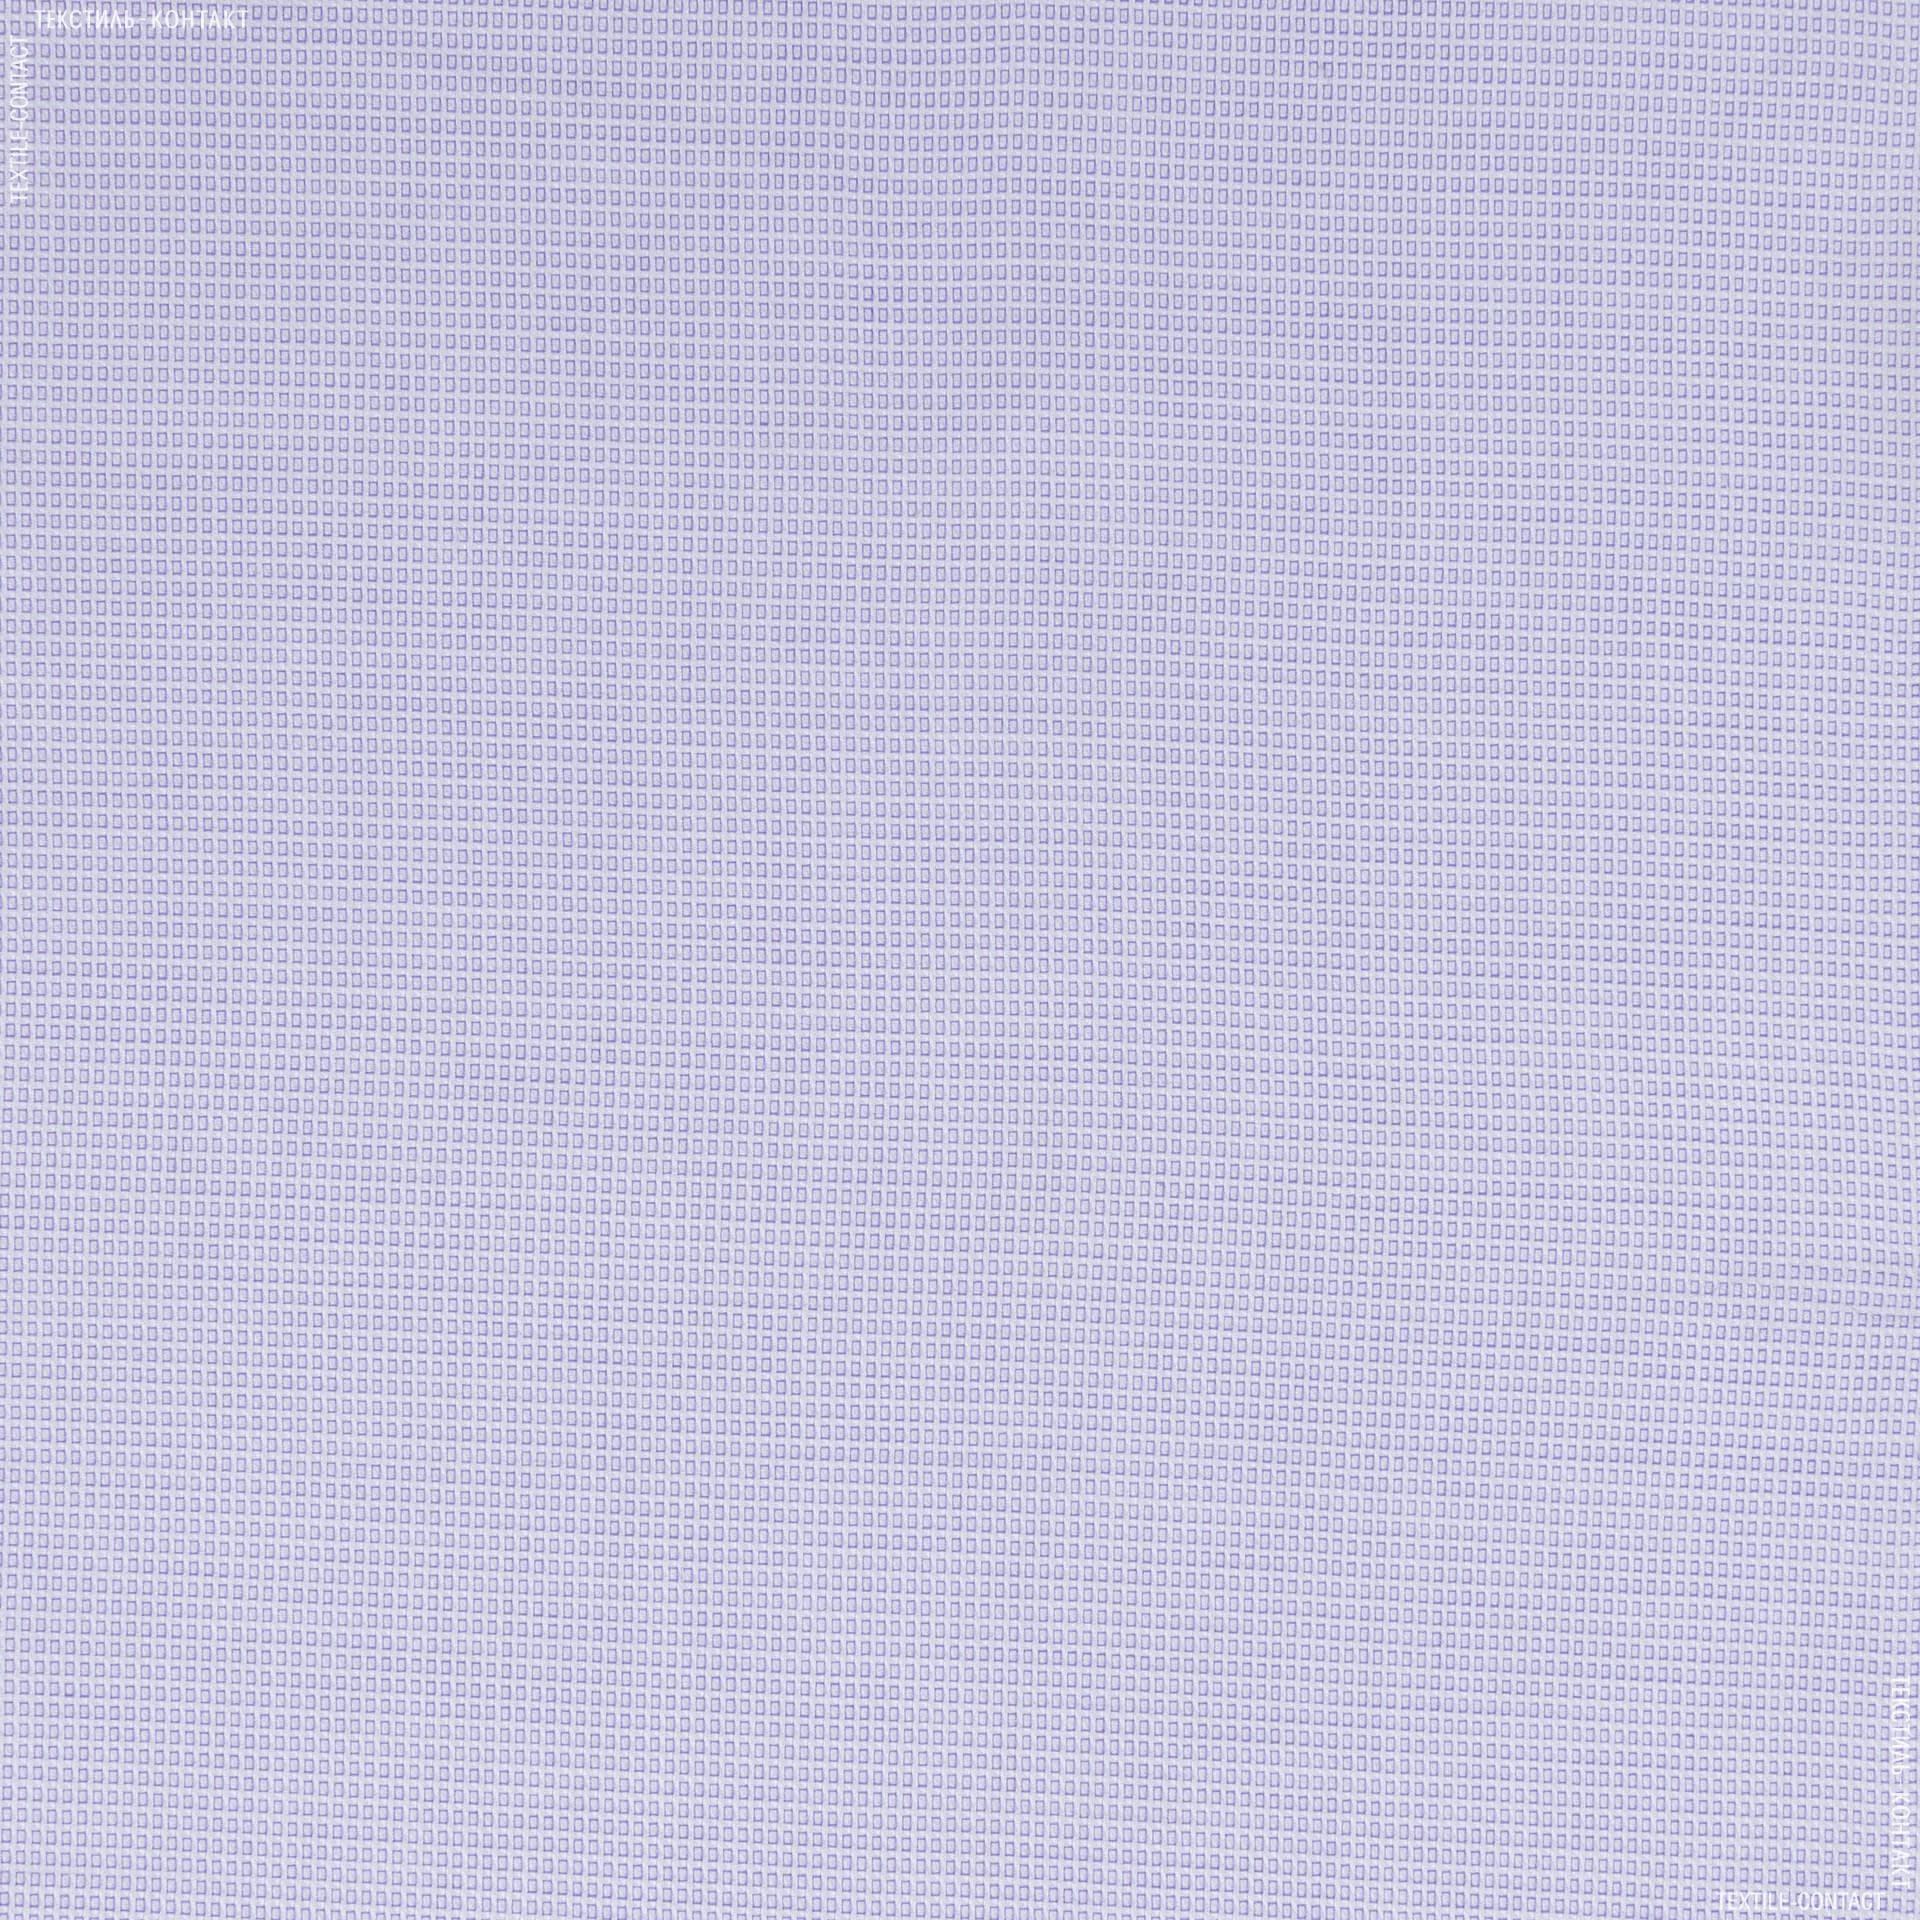 Ткани для платков и бандан - Сорочечная albiate жаккард